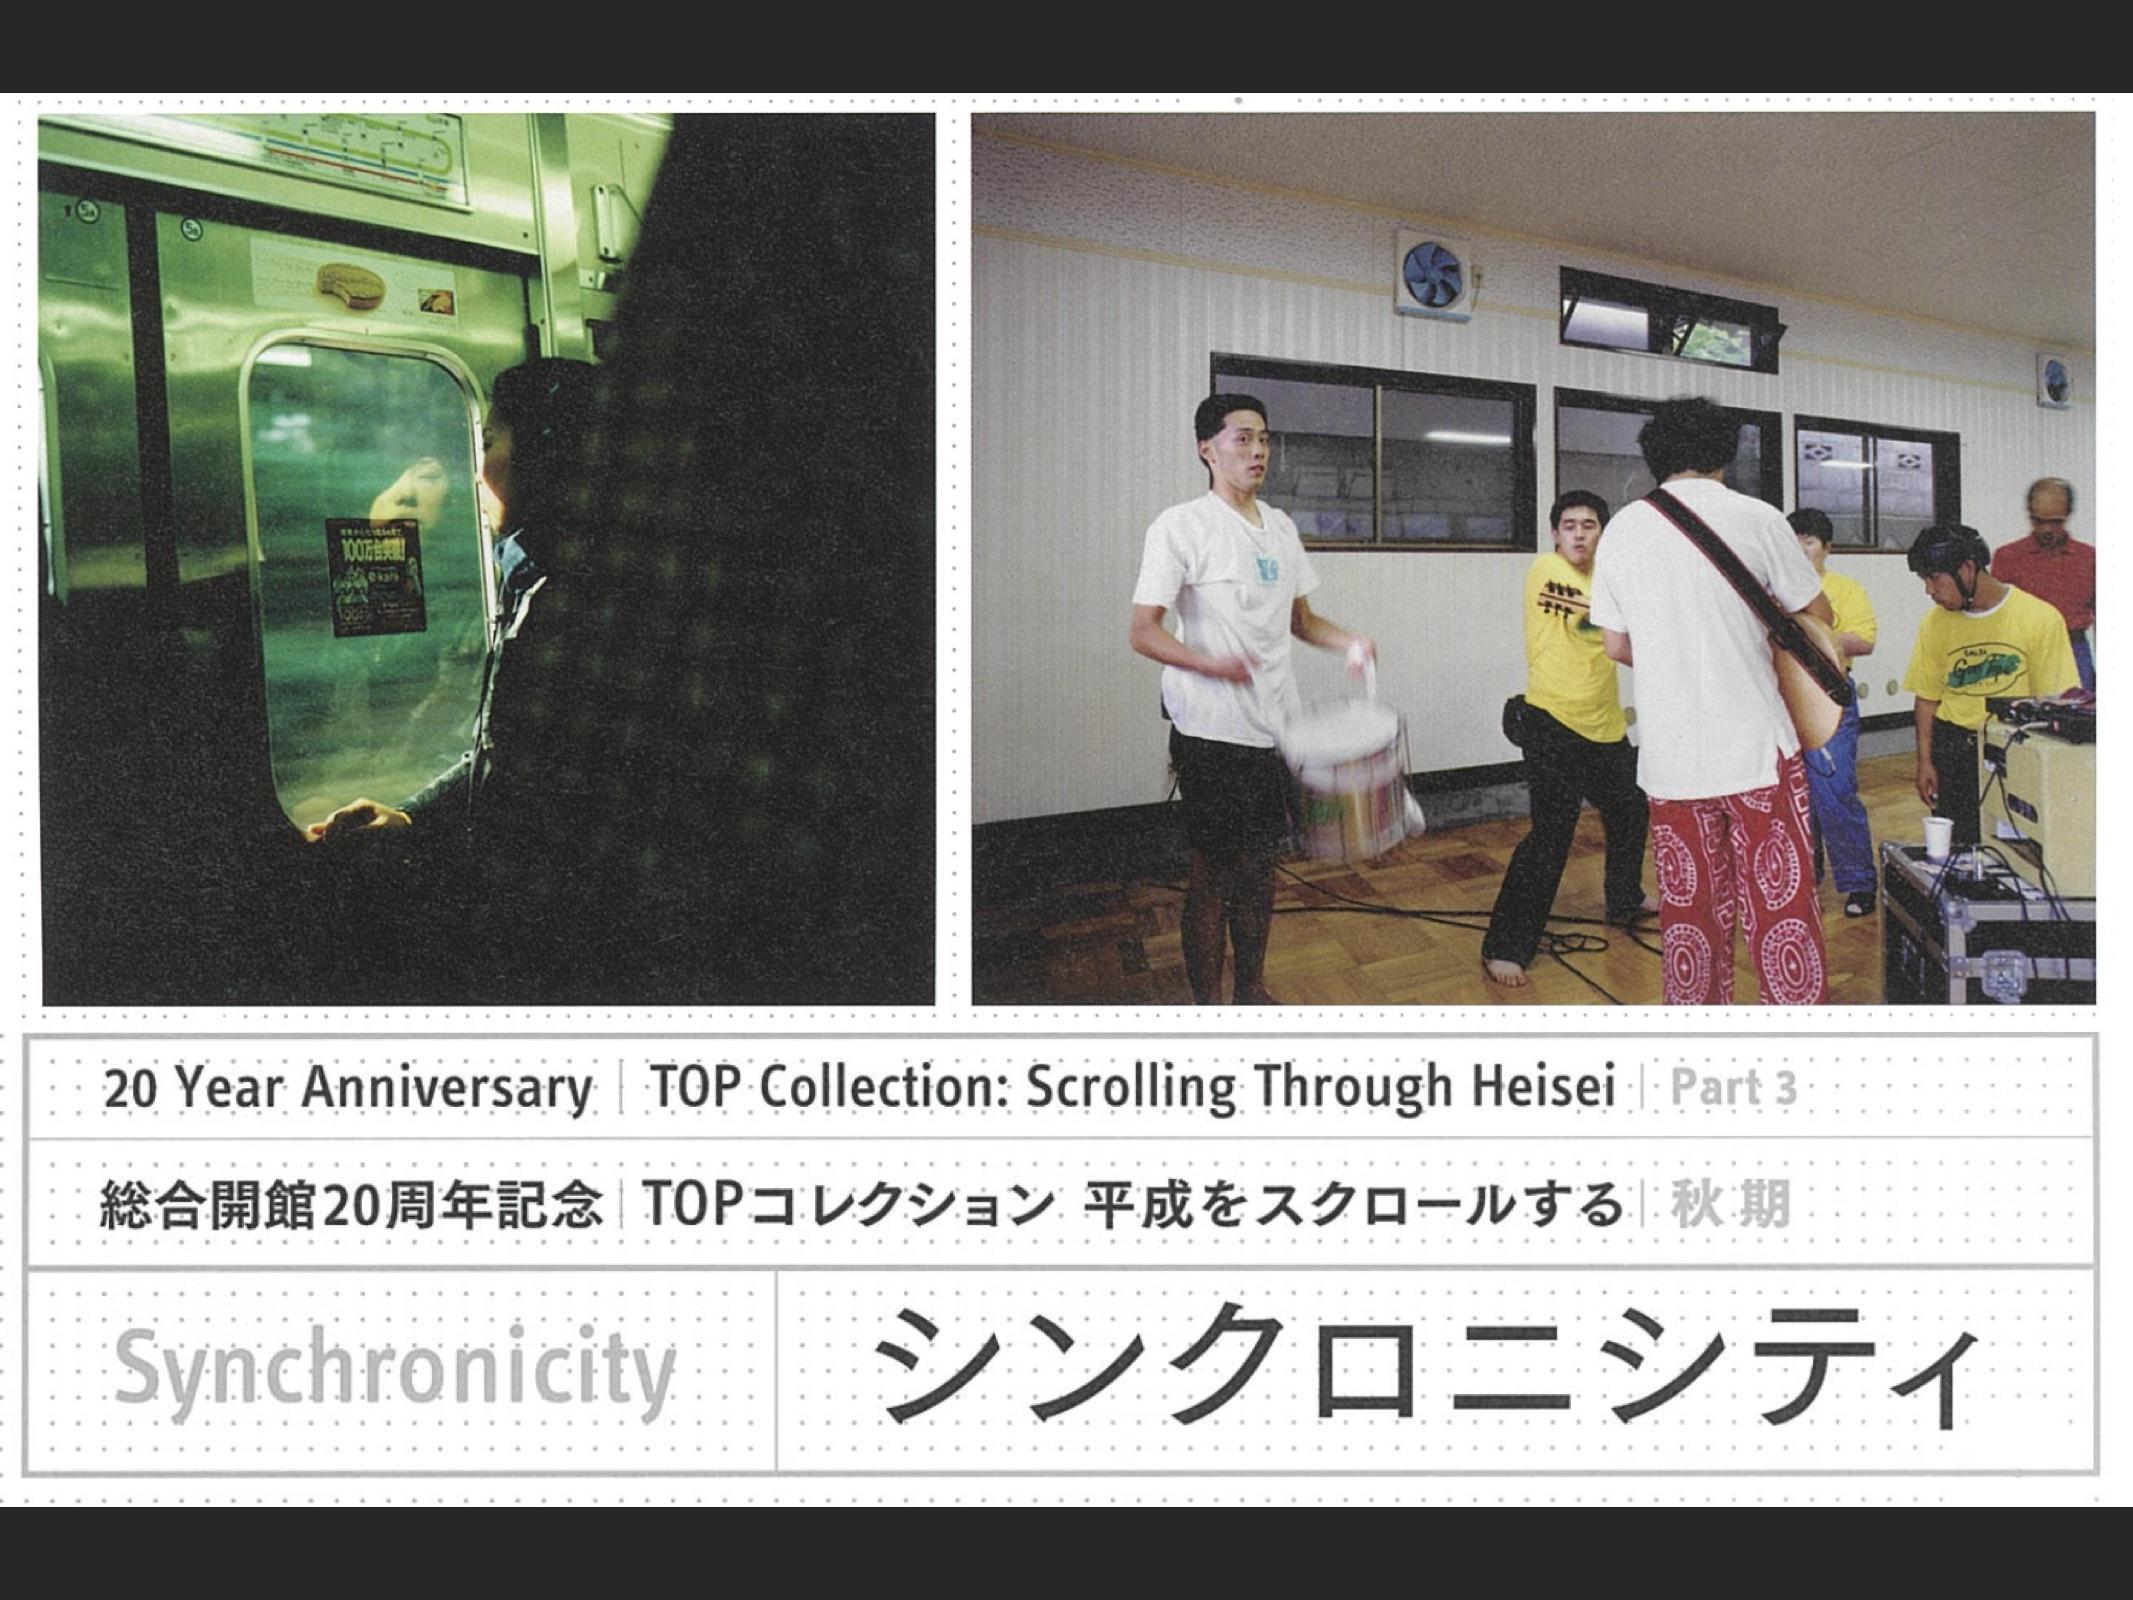 総合開館20周年記念 TOPコレクション 「シンクロニシティ」